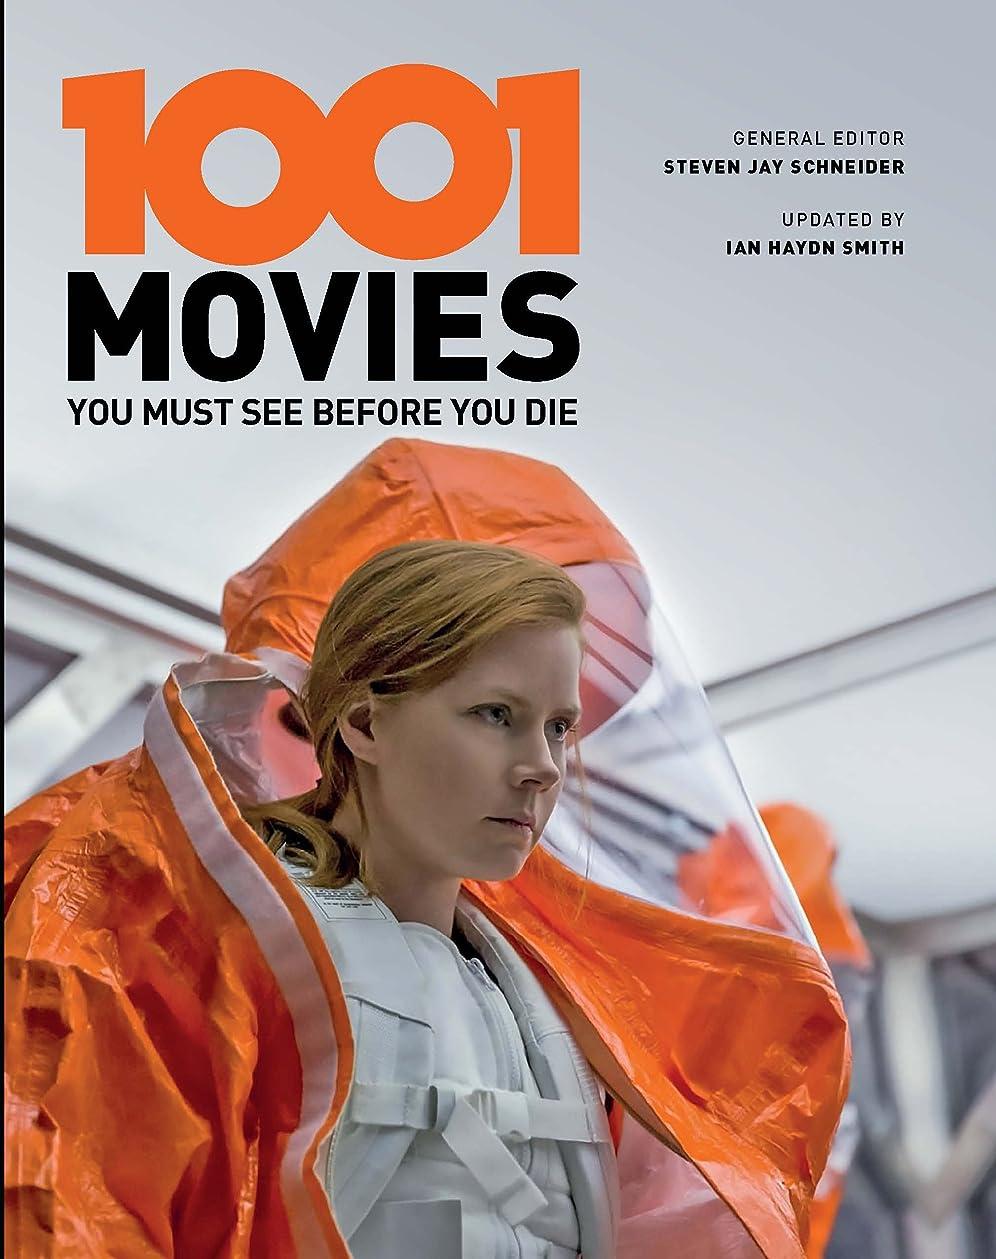 トムオードリース良心アサー1001 Movies You Must See Before You Die, 7th edition (English Edition)